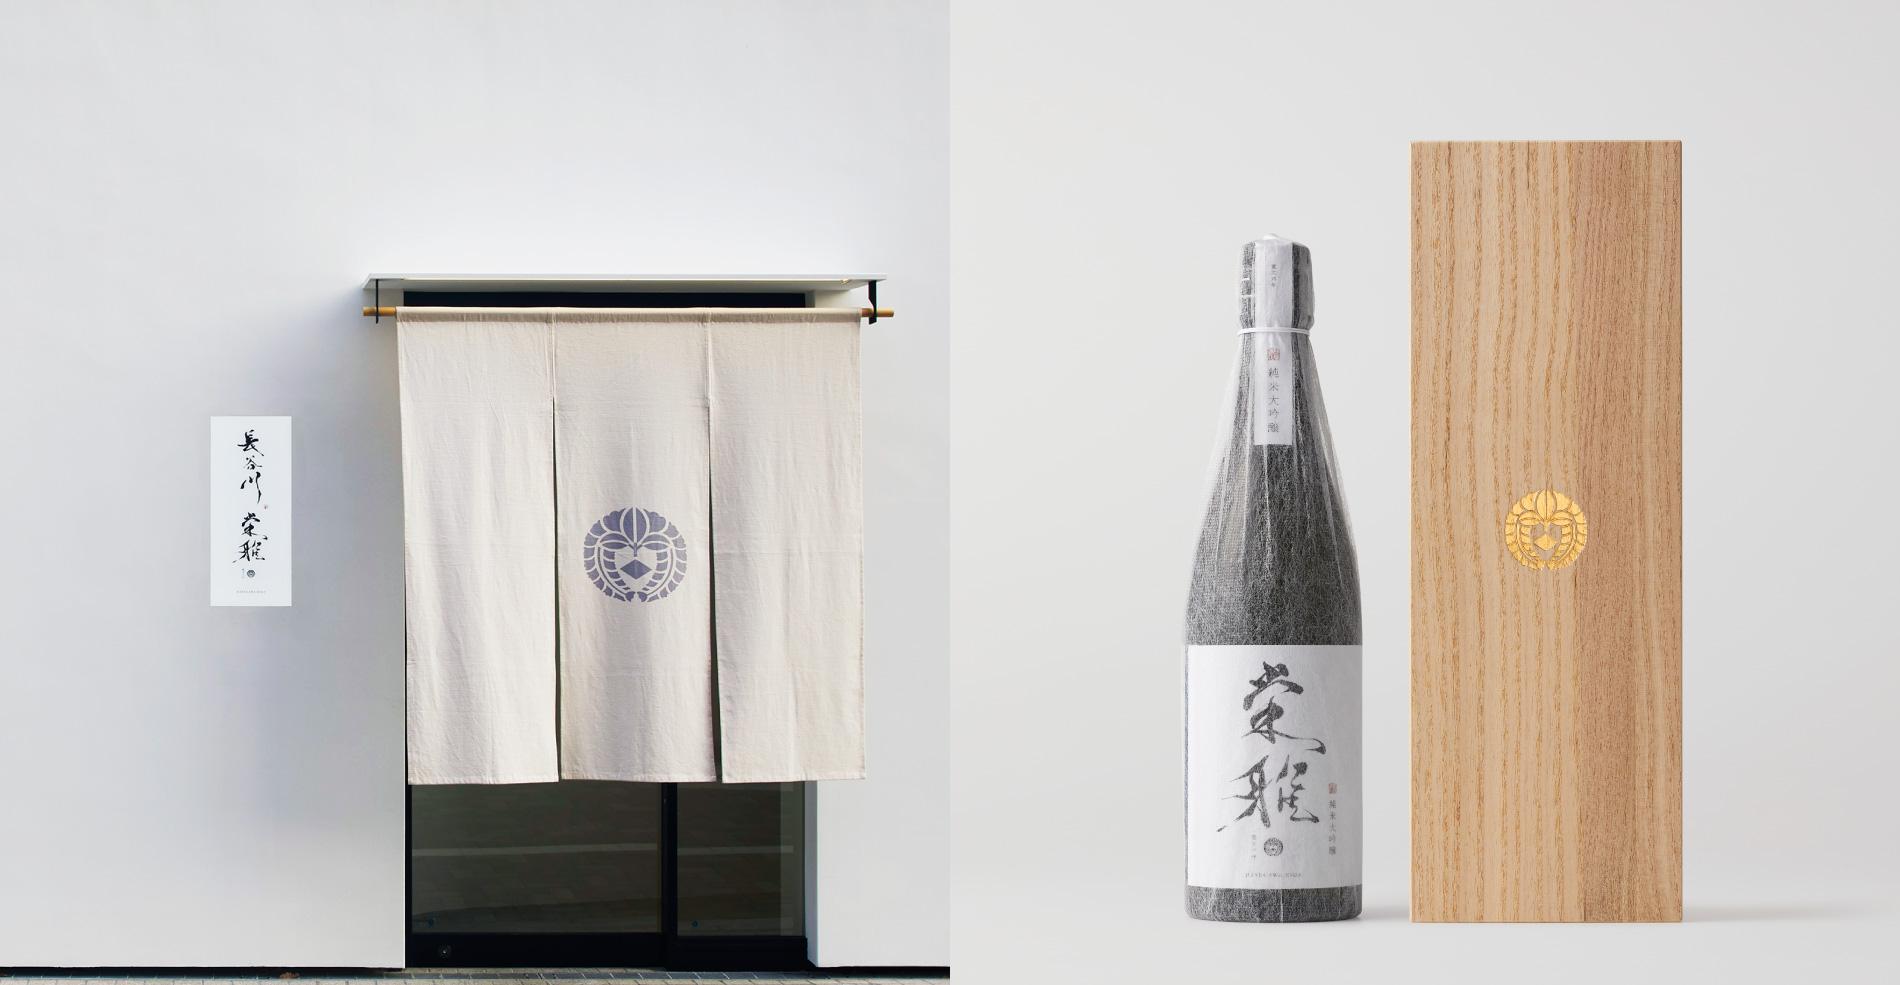 日本酒ブランド長谷川栄雅